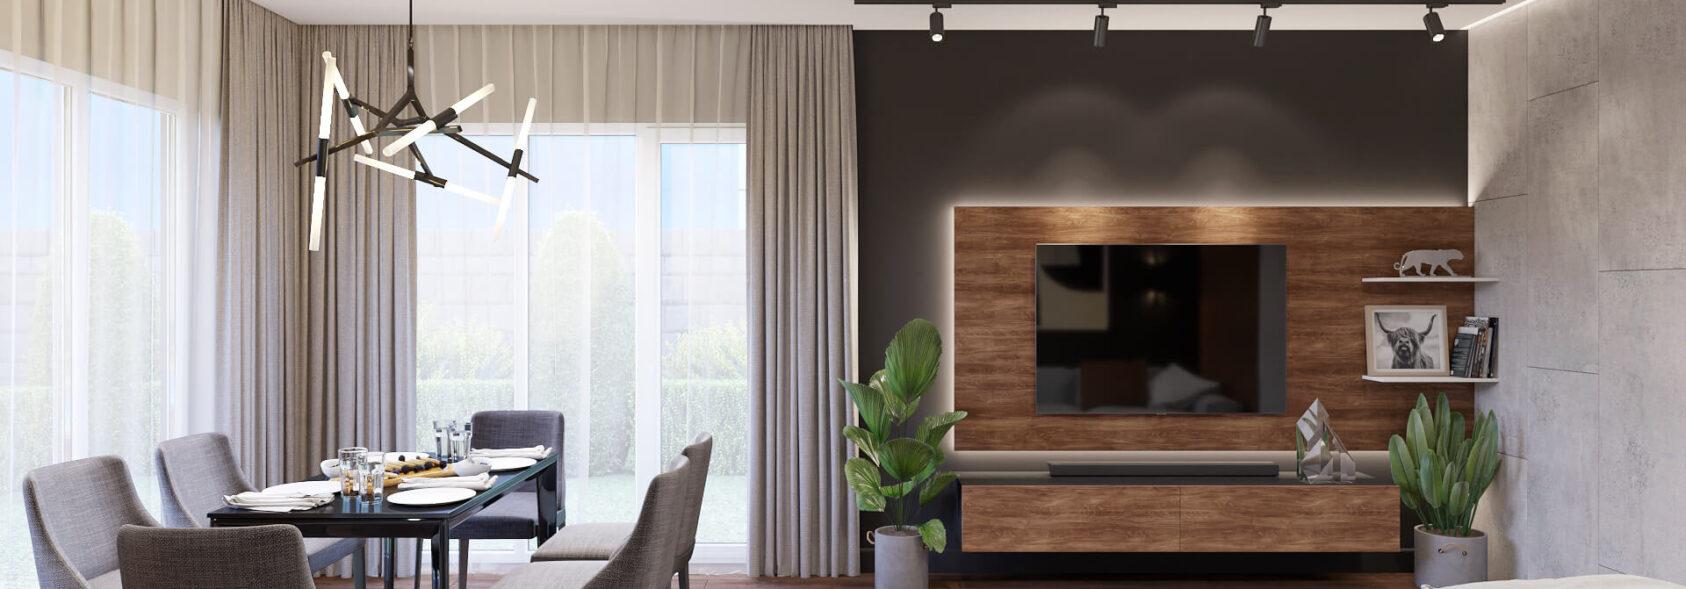 Дизайн дома Балабино